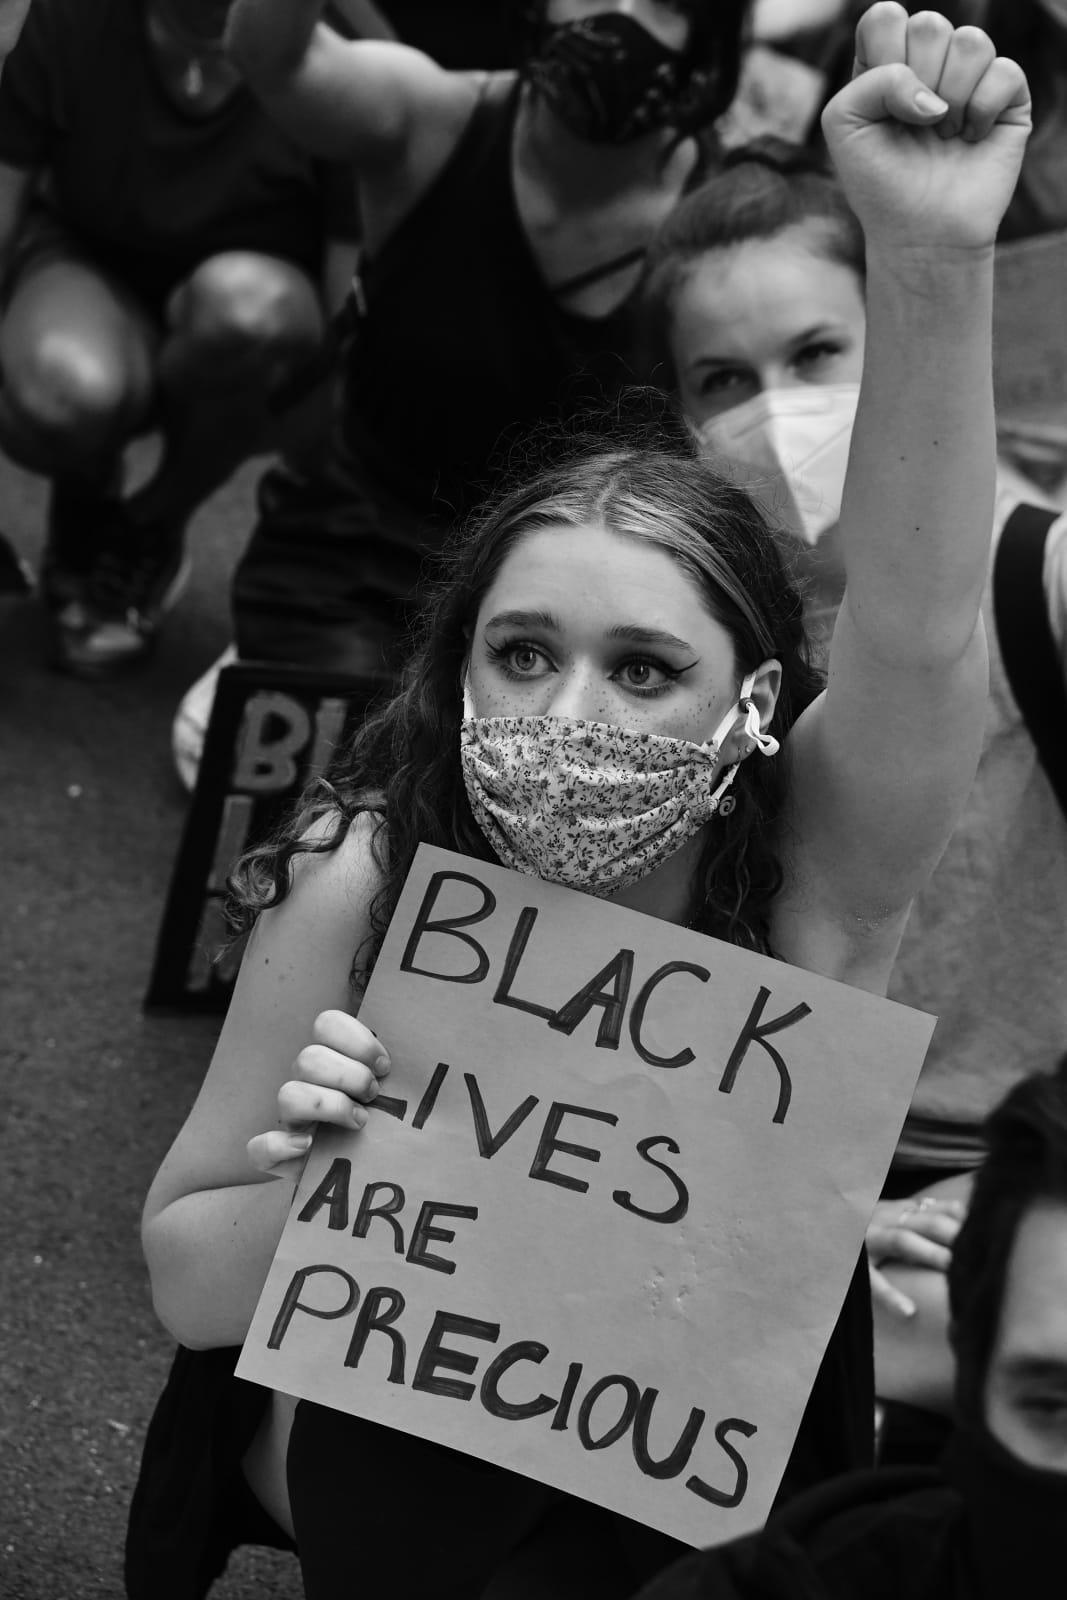 Builder Levy, Black Lives Are Precious, 2020